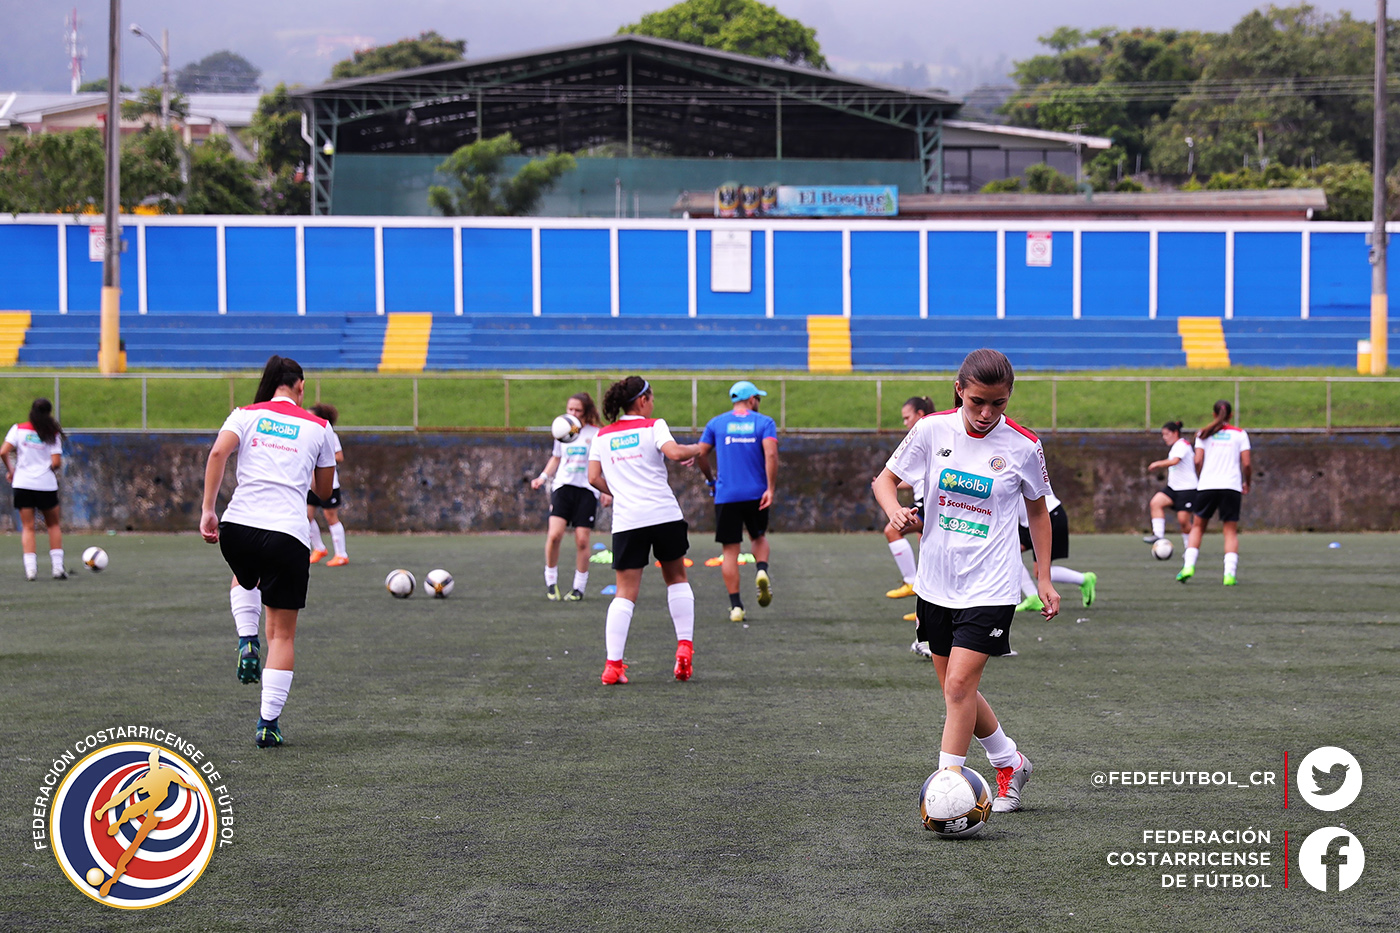 Preparación física será clave en torneo UNCAF